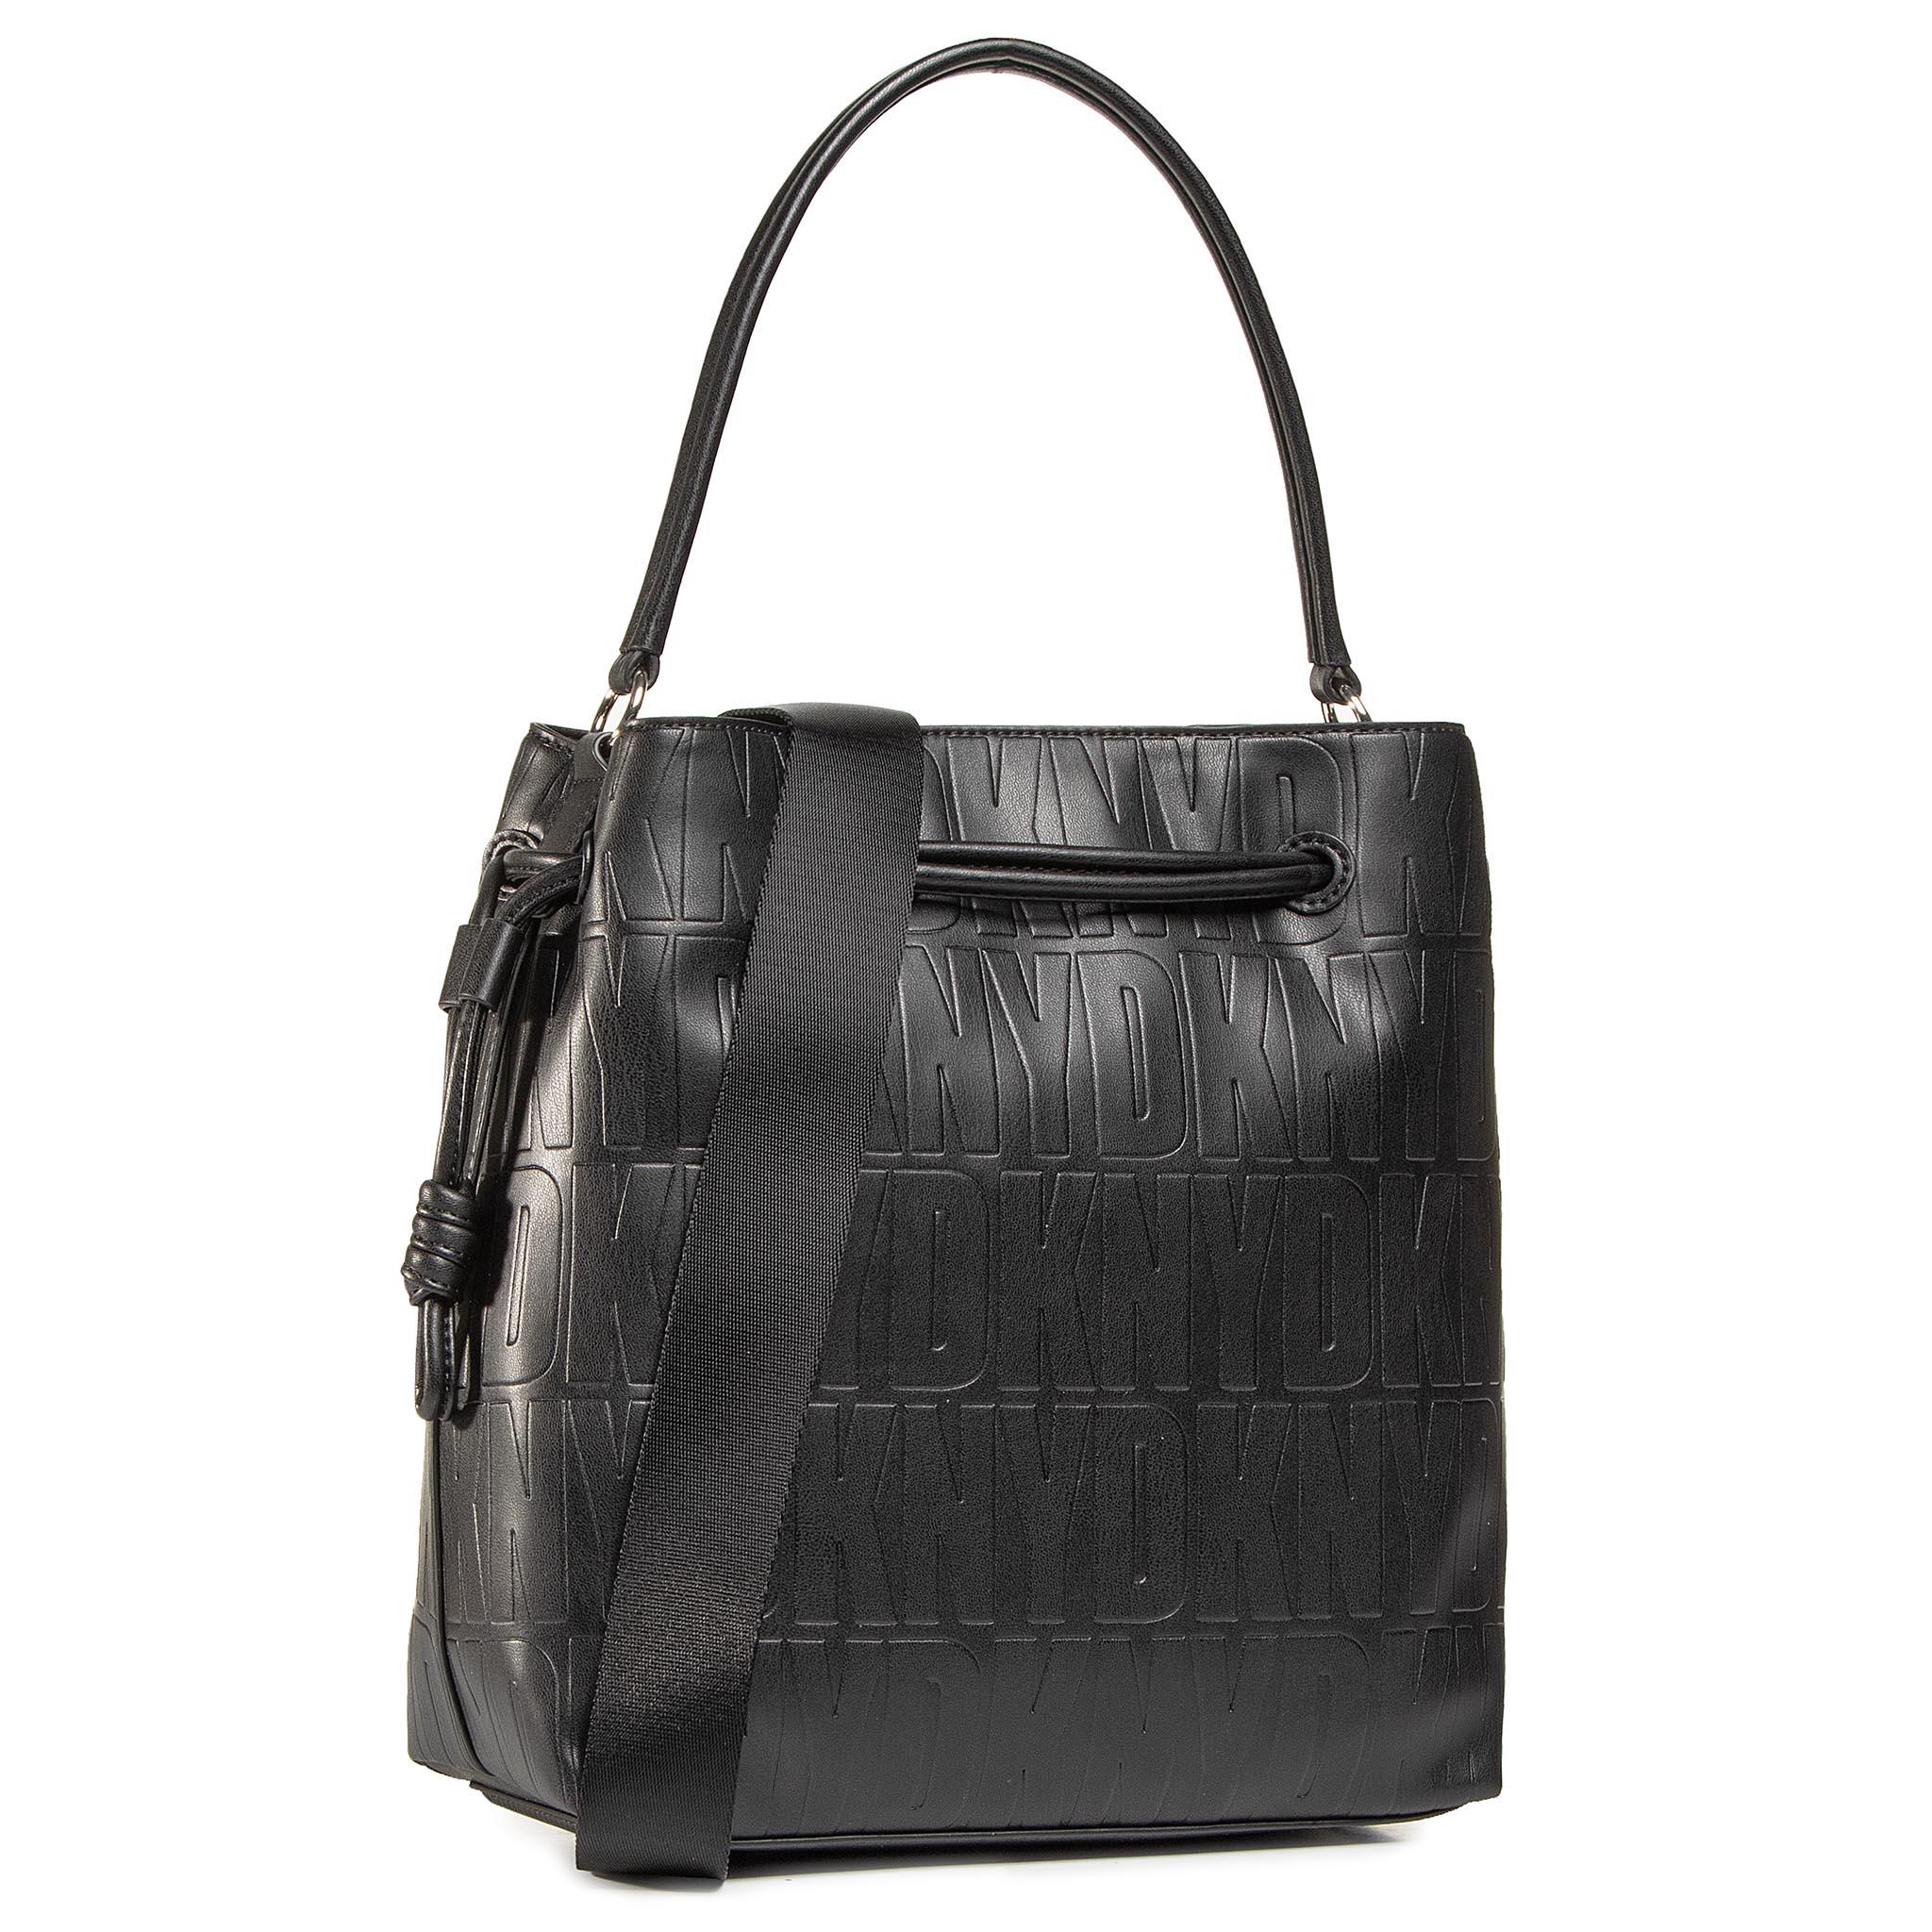 Image of Handtasche DKNY - Jude Drawstring Buck R04JVF61 Blk/Gold BGD